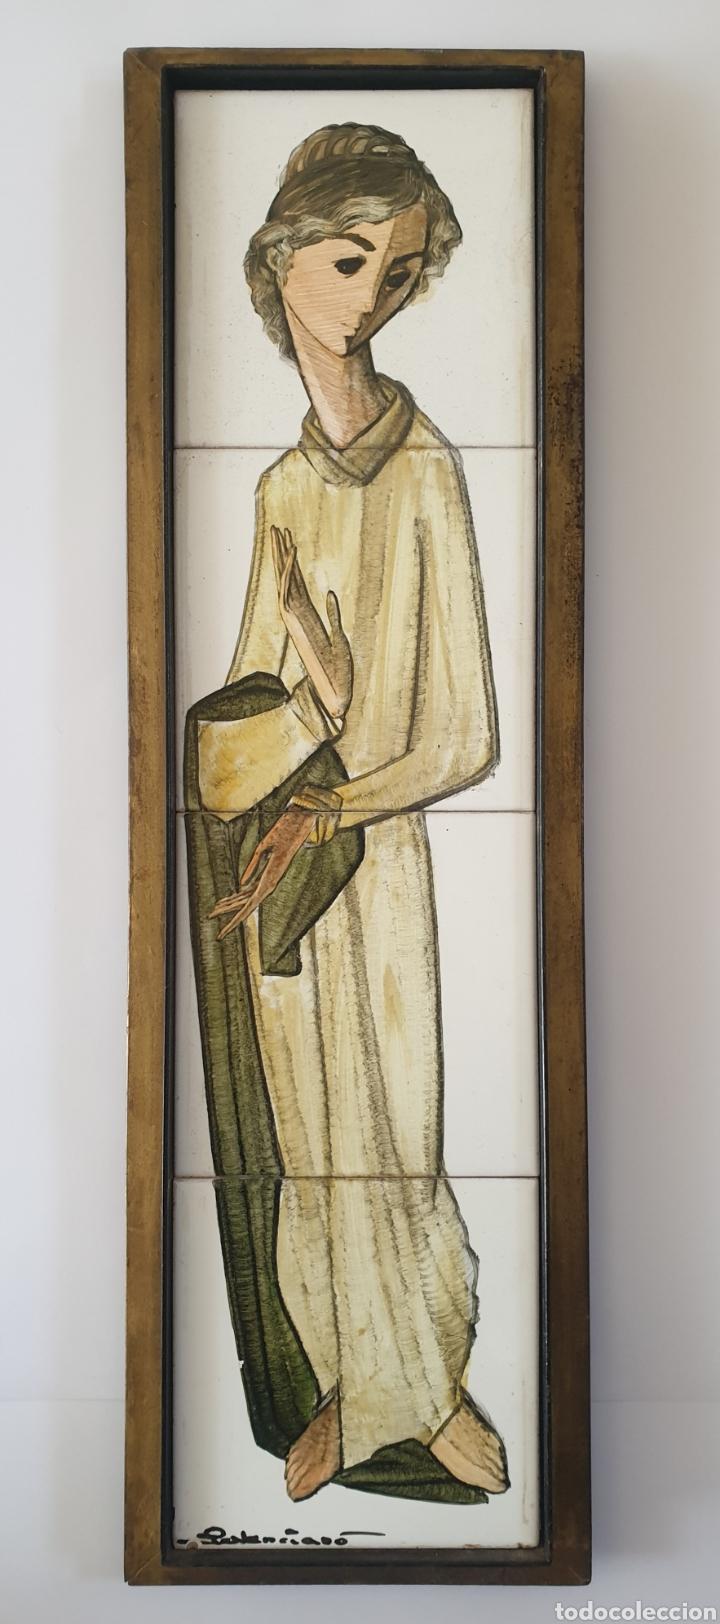 PEDRO PALENCIANO RUIZ - JESÚS ADOLESCENTE/SAN JUAN?.RETABLO CERÁMICO.FIRMADO. (Arte - Arte Religioso - Retablos)